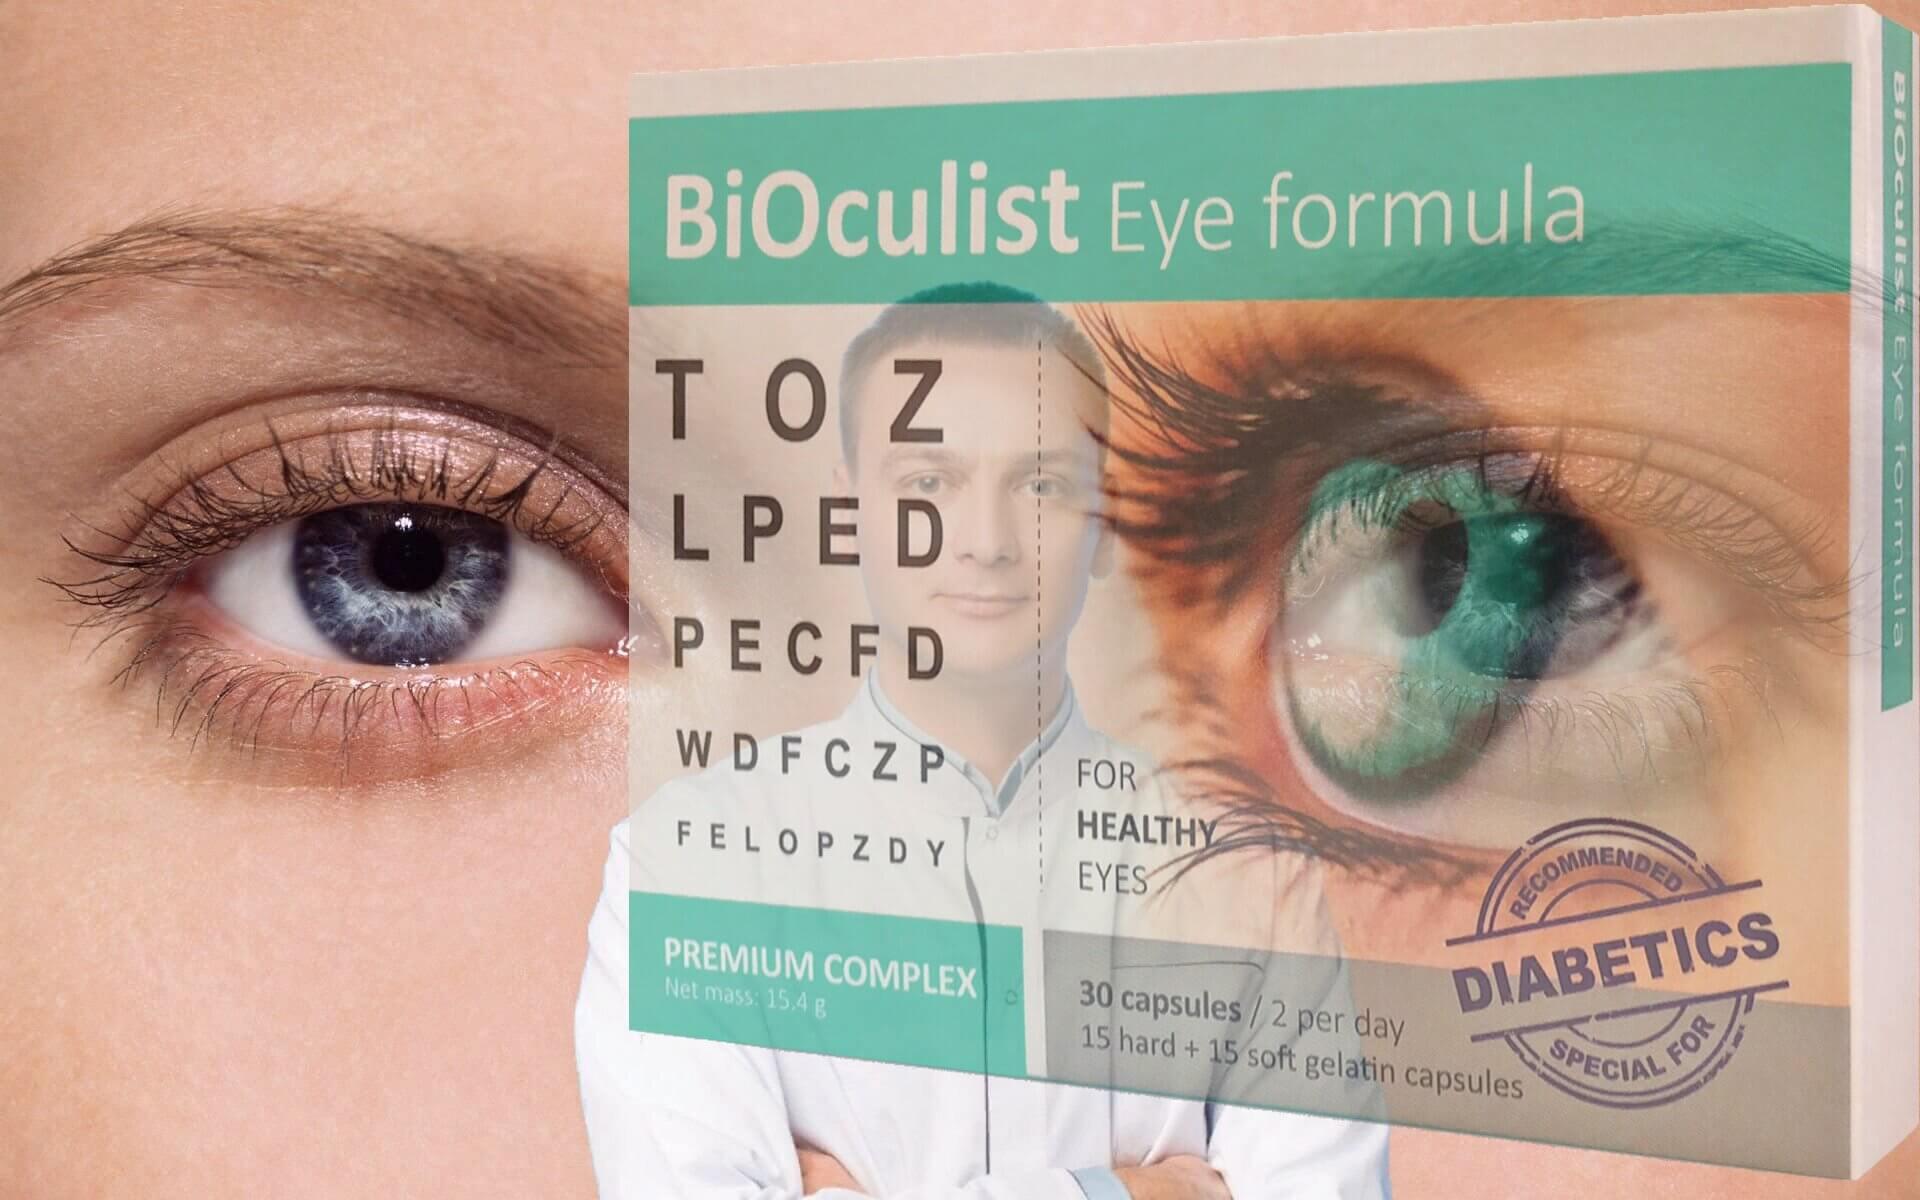 javítsa a látást 50 évesen a látásvesztést befolyásoló tényezők